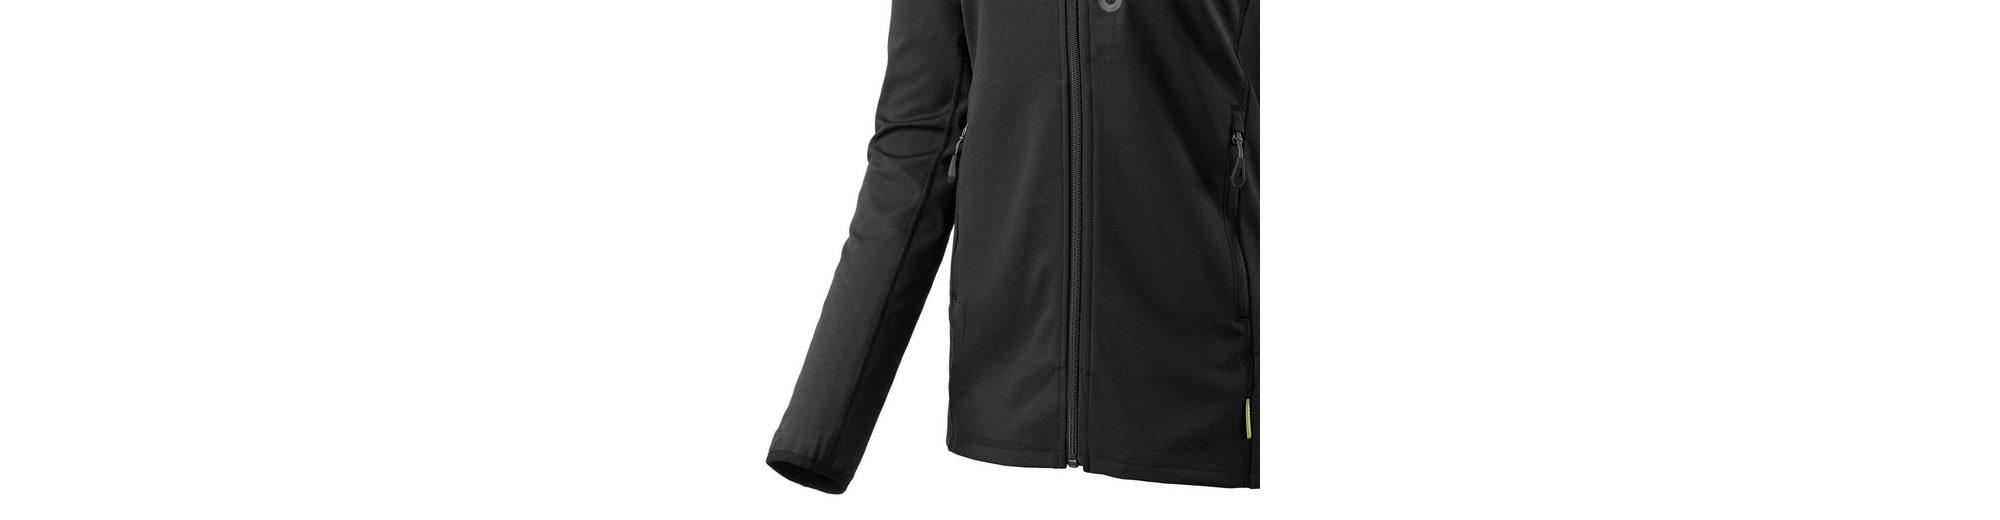 Kathmandu Atmungsaktive Softshelljacke für Damen Escarpar v2 Austritt Aus Deutschland Echt 100% Original 2018 Online-Verkauf ULCQS52